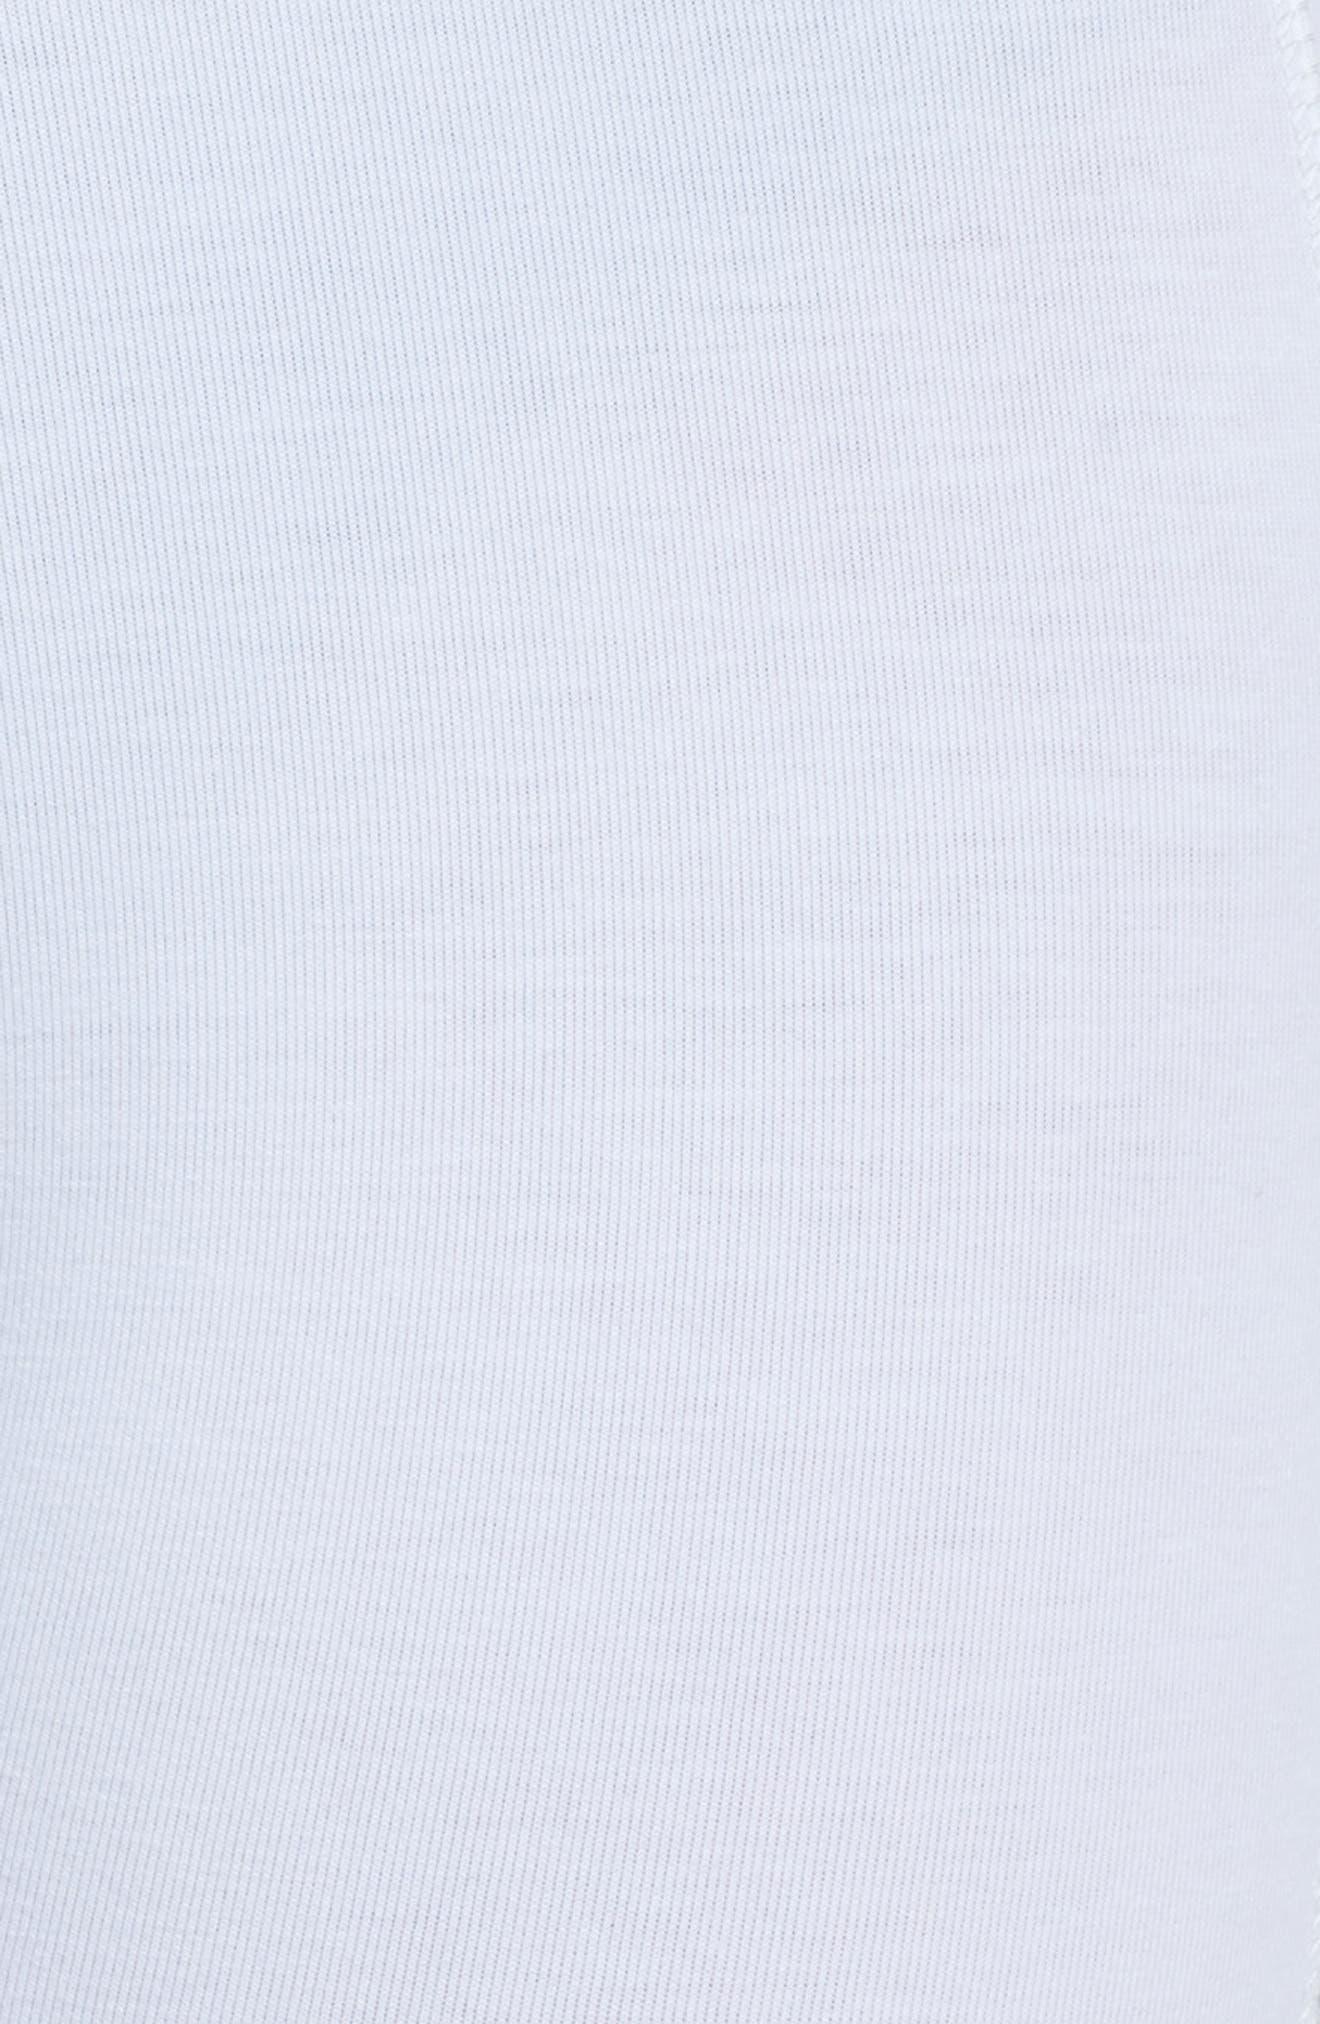 T7 Leggings,                             Alternate thumbnail 6, color,                             Puma White